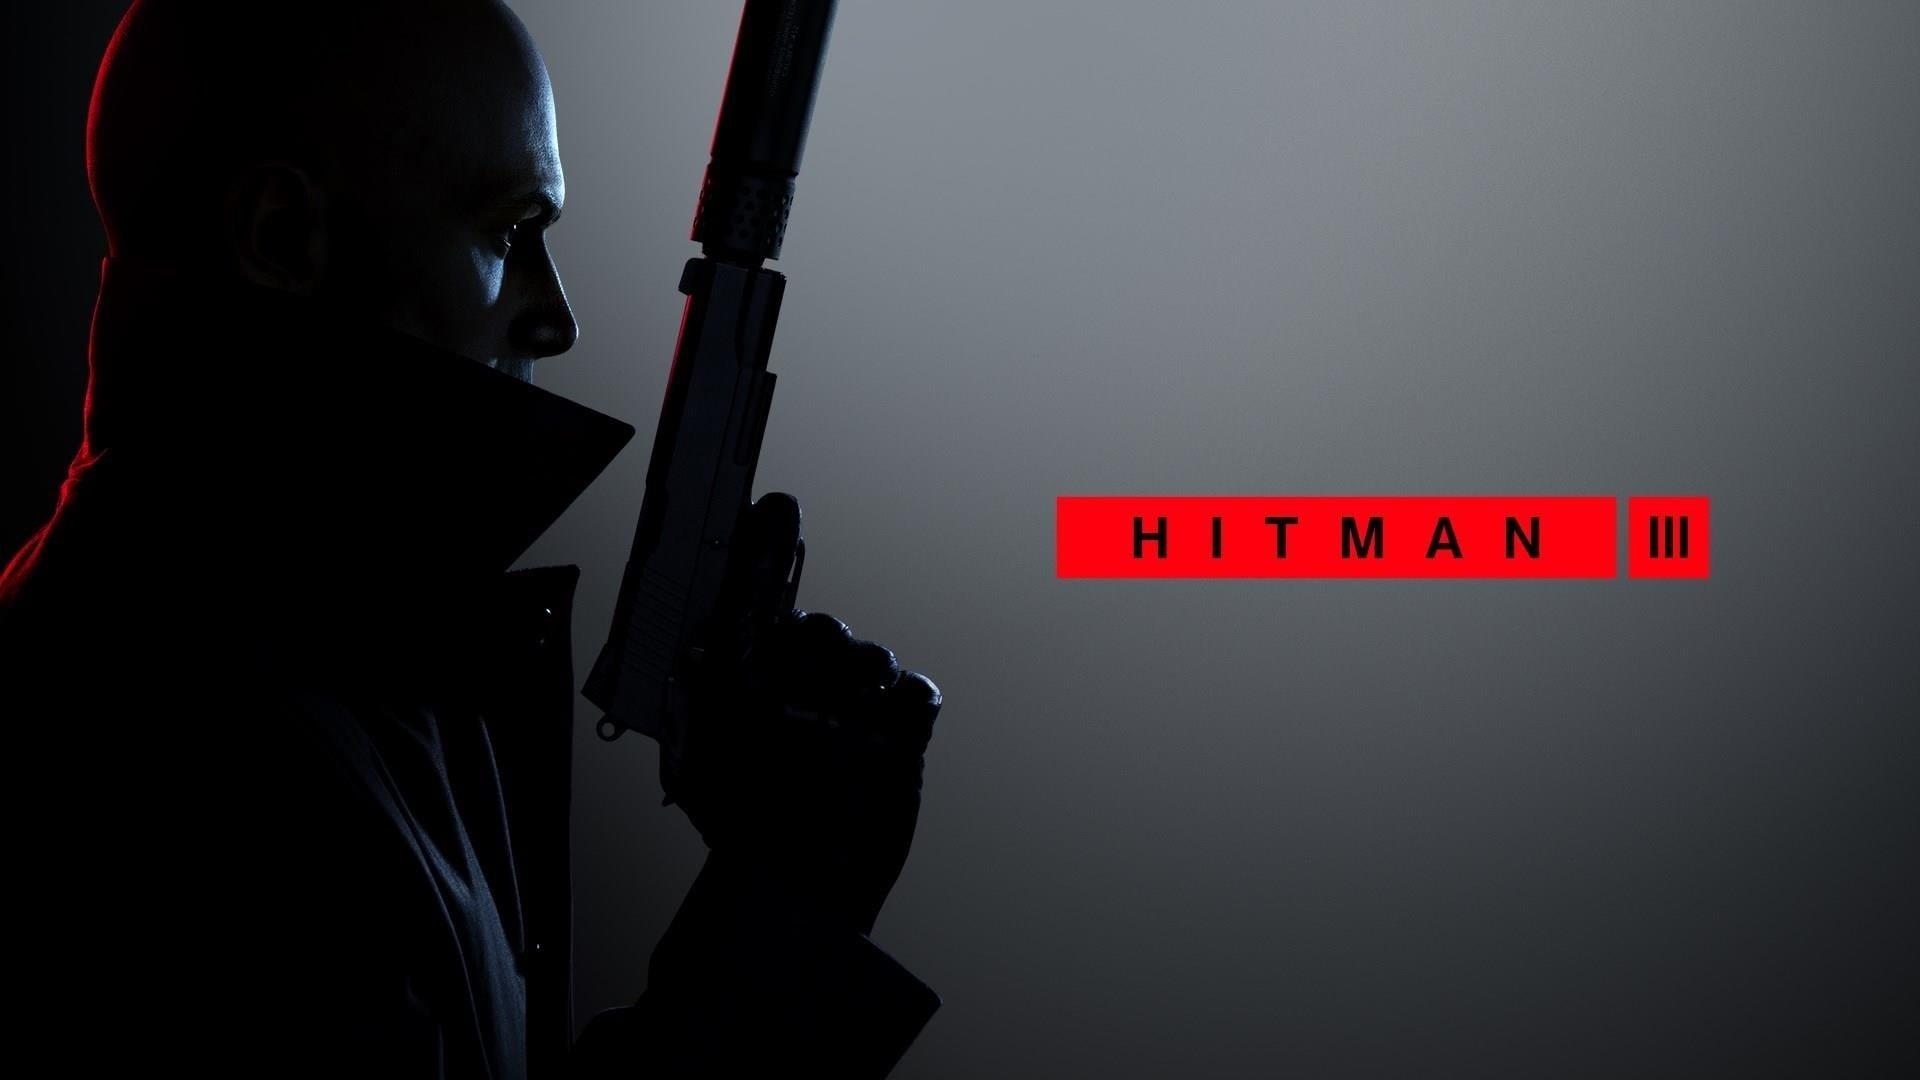 HITMAN 3 ~ TitledHeroArt